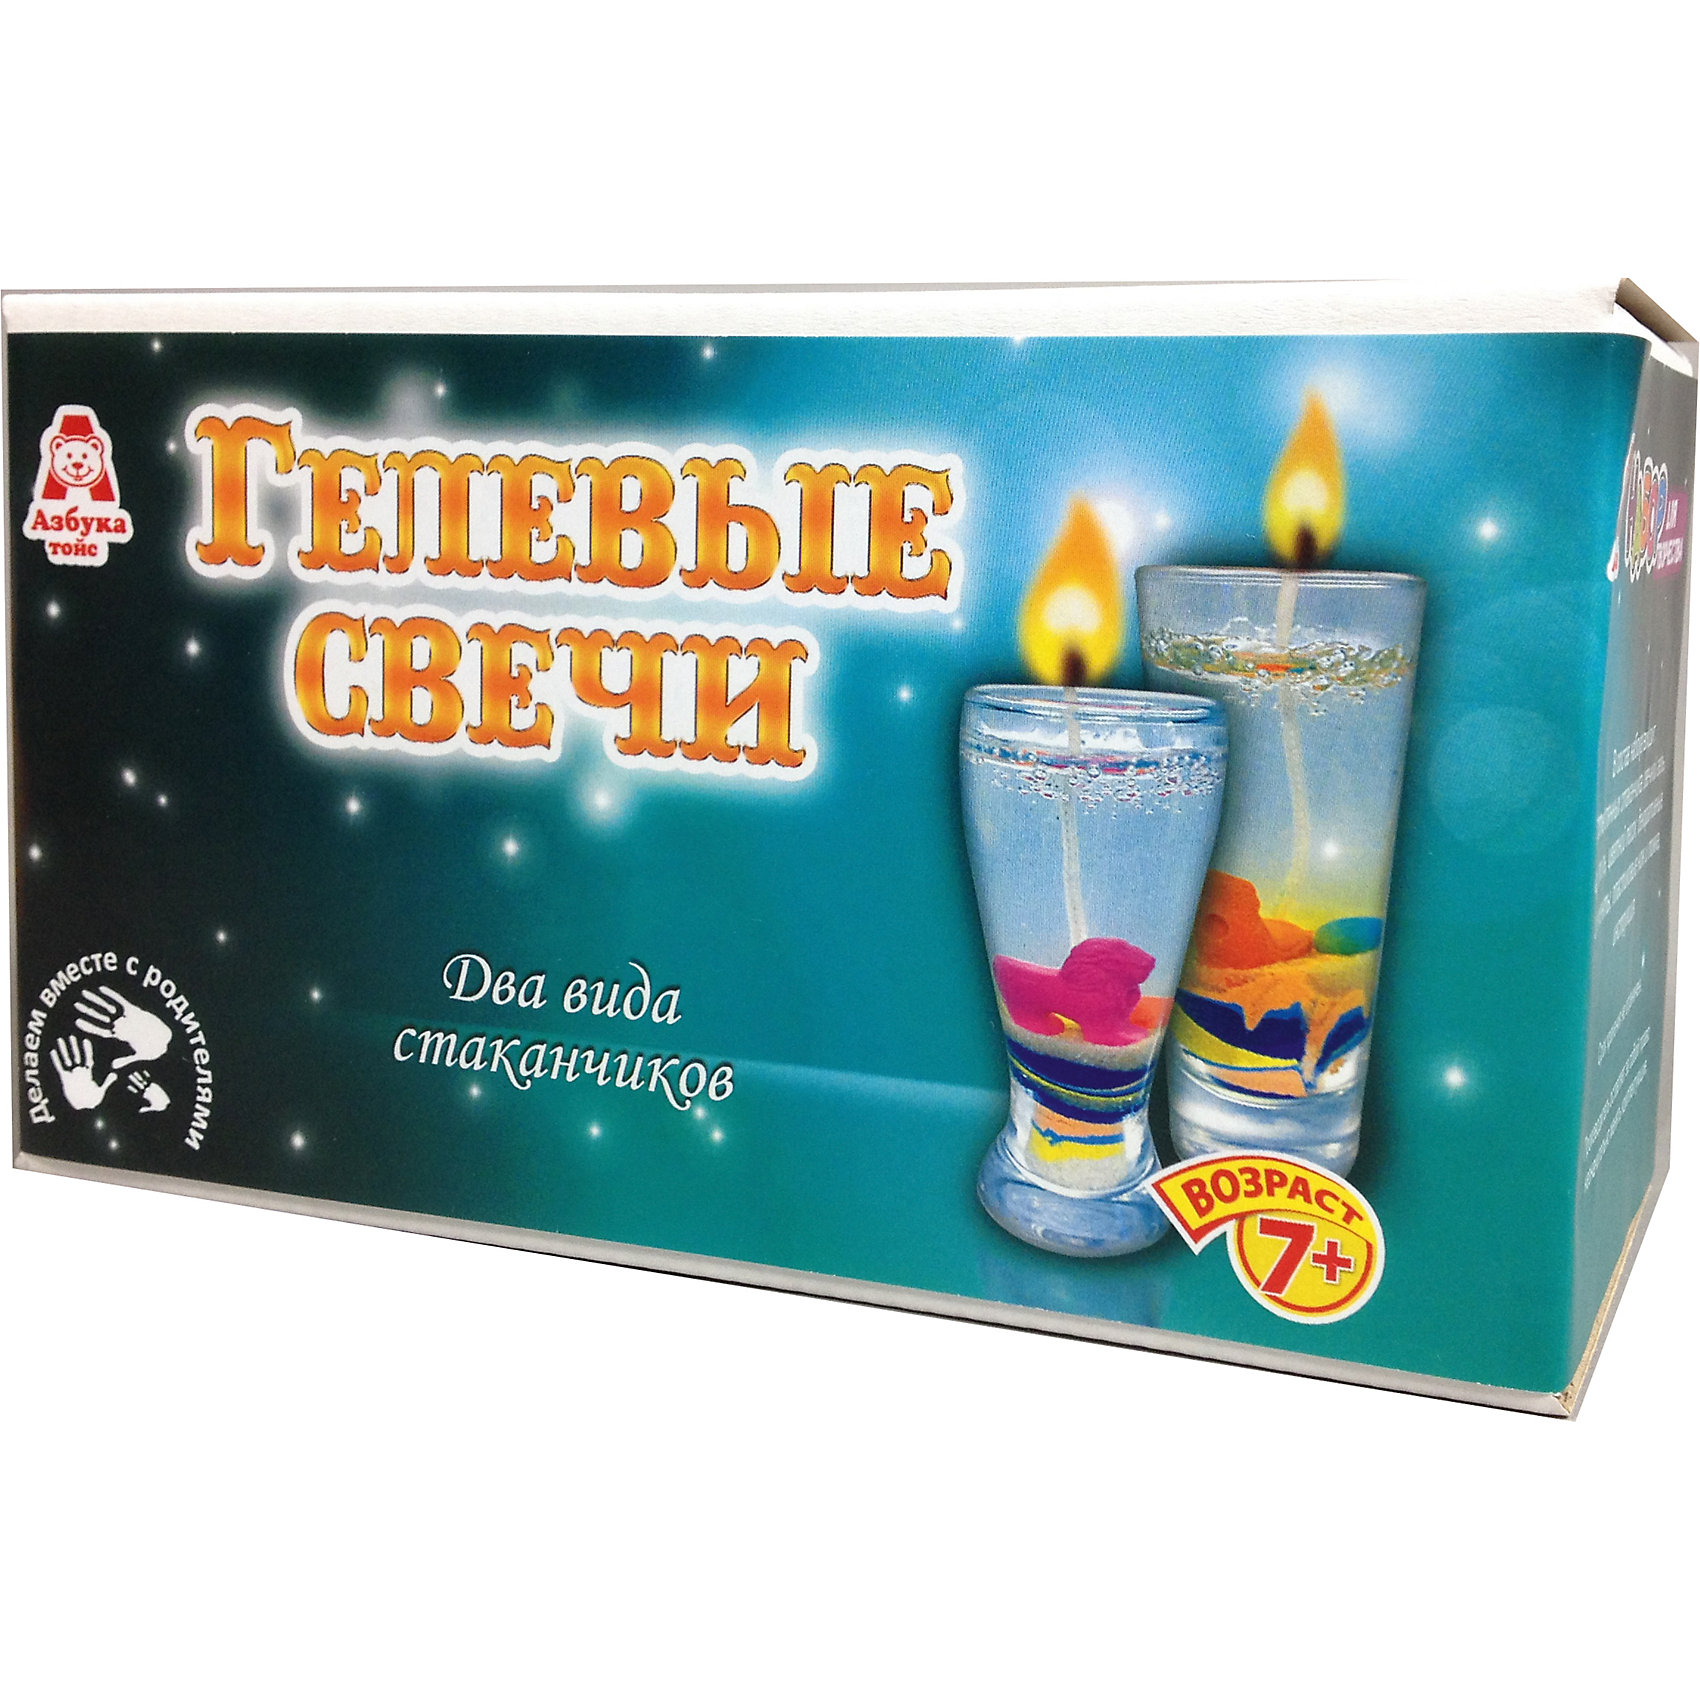 Свечи гелевые ЦиркНаборы для создания свечей<br>Характеристики товара:<br><br>• упаковка: коробка<br>• материал: гель<br>• возраст: 7+<br>• масса: 470 г<br>• габариты: 170х80х100 мм<br>• комплектация: 2 стеклянных стаканчика, гель, фитиль, пластмассовый ножик и ложка, песок, декоративные элементы, инструкция<br>• страна бренда: РФ<br>• страна изготовитель: РФ<br><br>Магия огня притягательна для всех возрастов. Создание свечей – интересный и необычный опыт в творчестве малышей. Набор содержит все необходимое, чтобы создать необычную свечу. Готовую свечу можно использовать, как по прямому назначению, так и как элемент декора. <br>Набор станет отличным подарком ребенку, так как он сможет сам сделать красивую вещь для себя или в качестве подарка близким! Материалы, использованные при изготовлении товара, сертифицированы и отвечают всем международным требованиям по качеству. <br><br>Свечи гелевые Цирк от бренда Азбука Тойс можно приобрести в нашем интернет-магазине.<br><br>Ширина мм: 170<br>Глубина мм: 80<br>Высота мм: 100<br>Вес г: 470<br>Возраст от месяцев: 84<br>Возраст до месяцев: 144<br>Пол: Унисекс<br>Возраст: Детский<br>SKU: 5062899